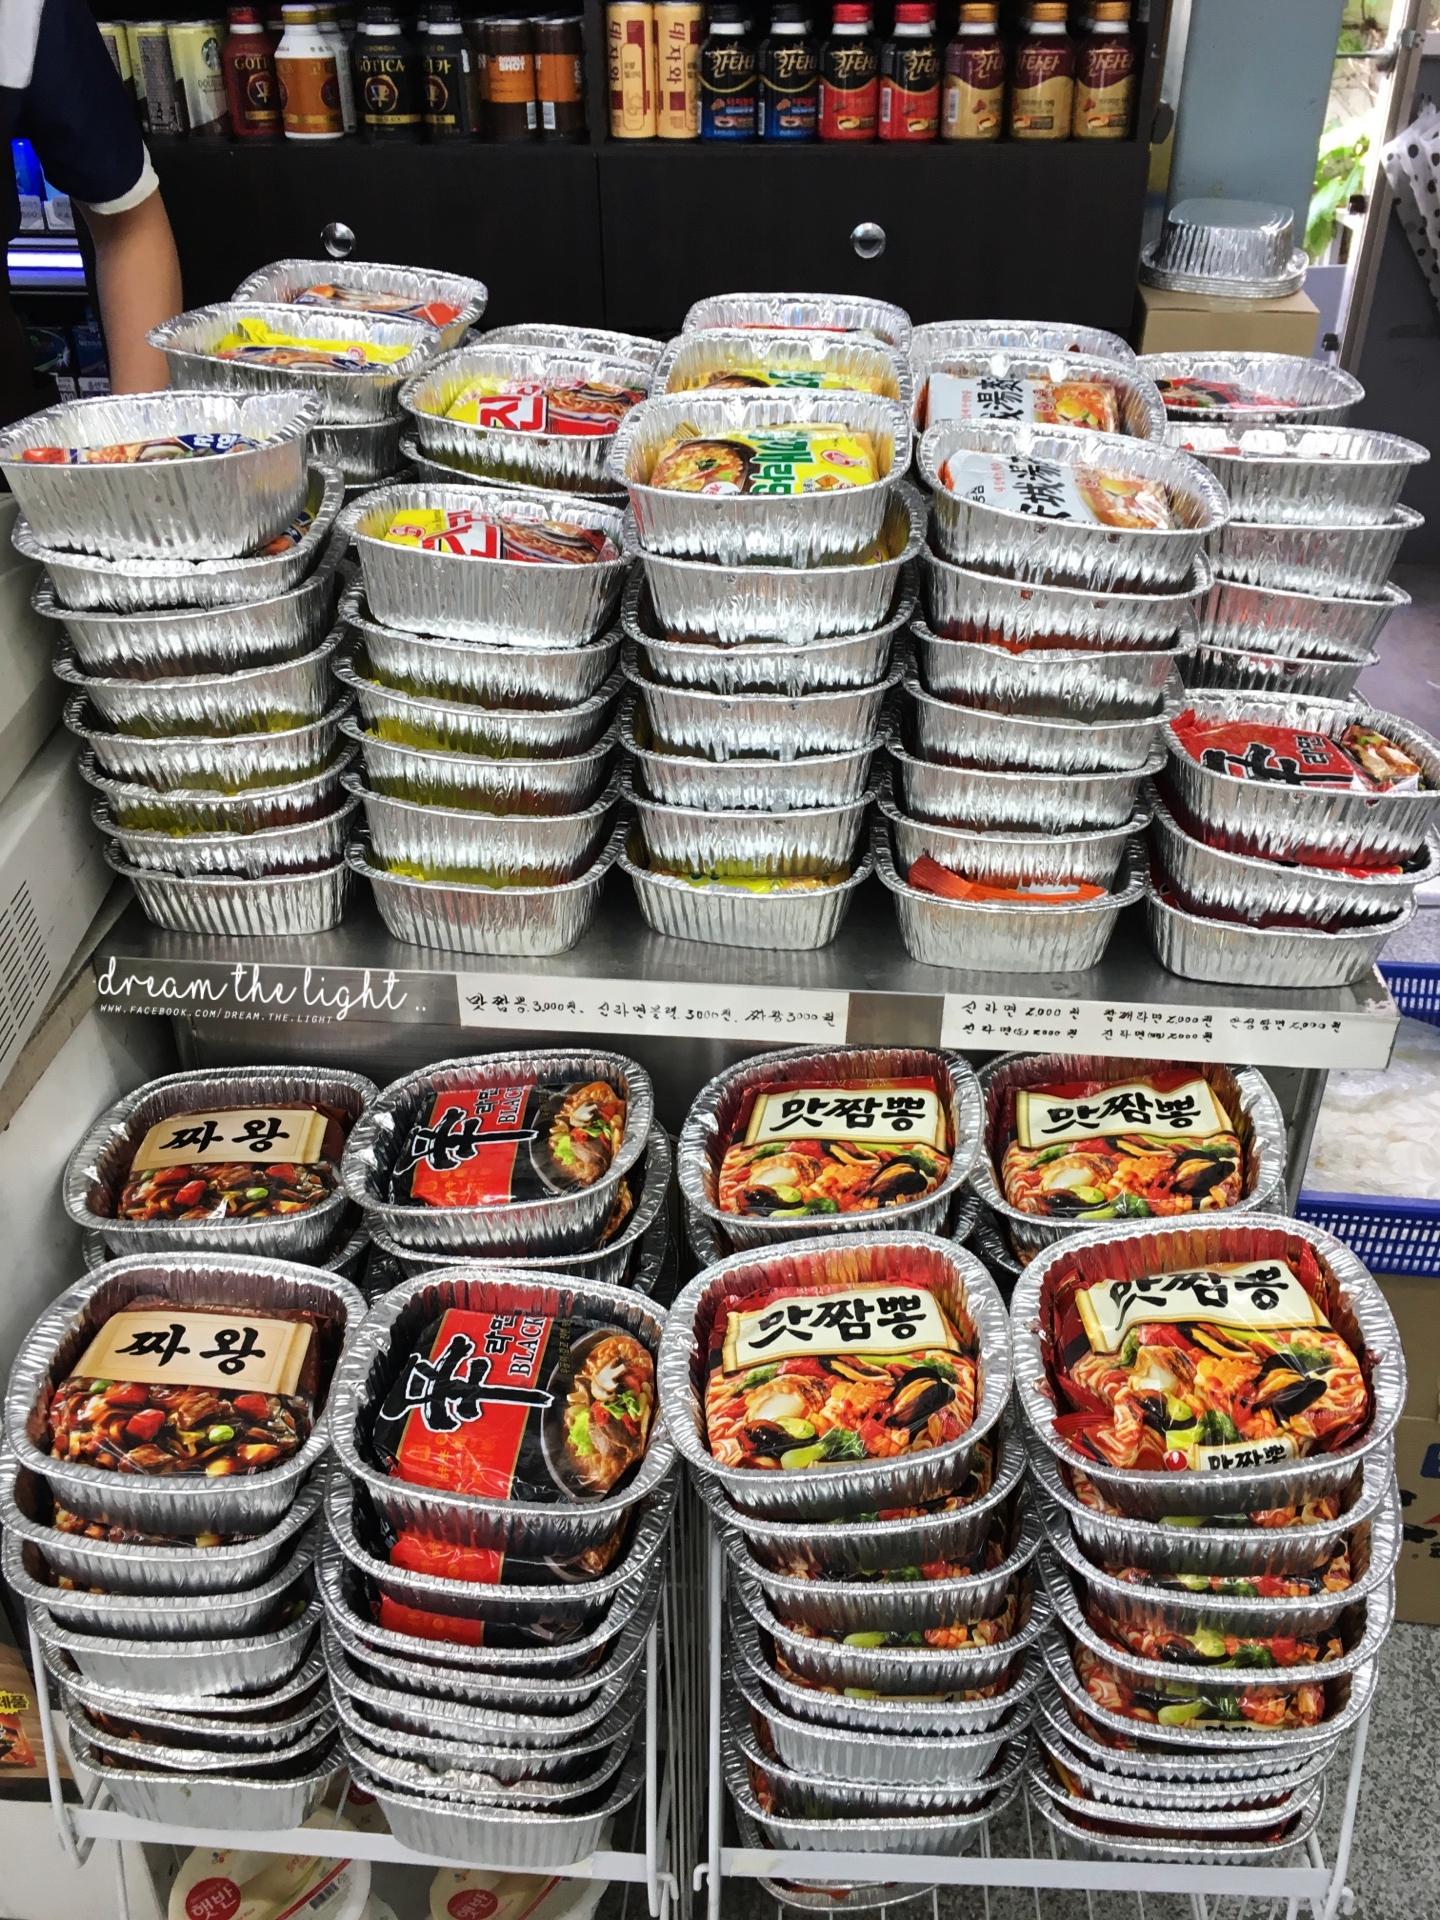 在店裡有很多用「鋁箔紙碗」裝好的泡麵,大家可以選擇自己喜歡的口味,價格從台幣 60 元到 80 元間都有(韓幣 2000元起跳)。